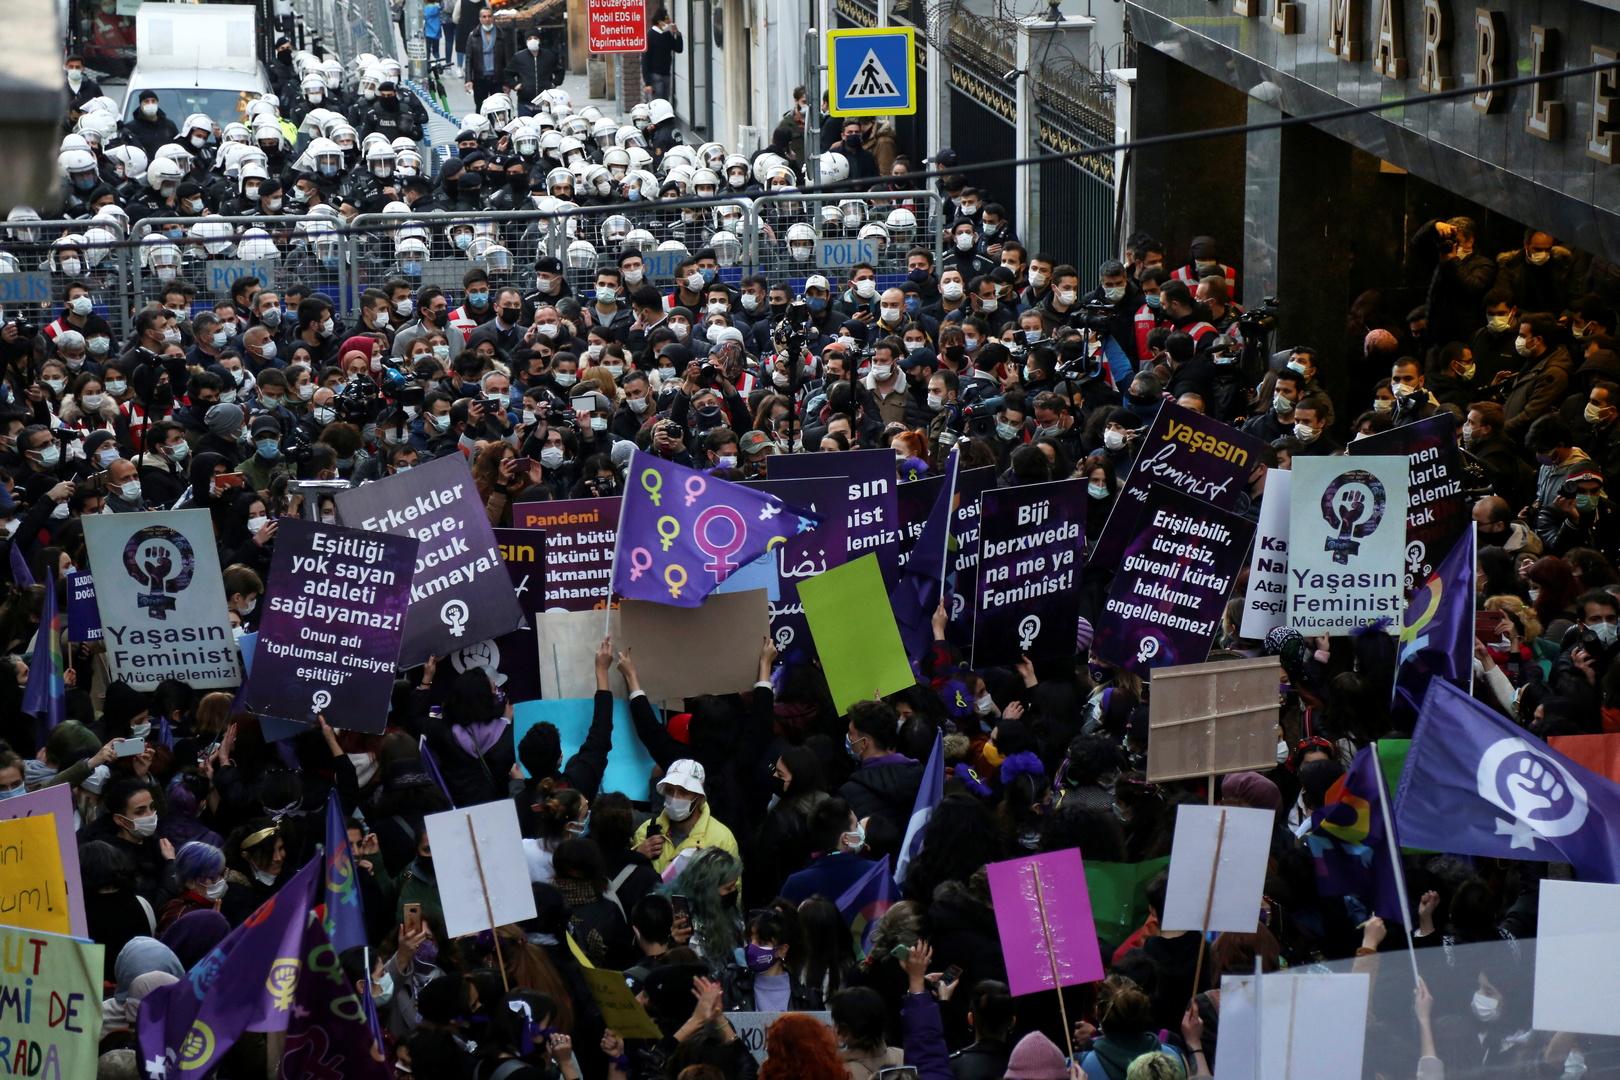 مشاهد جريئة خلال مظاهرات نسائية في اسطنبول تثير ضجة (صور)